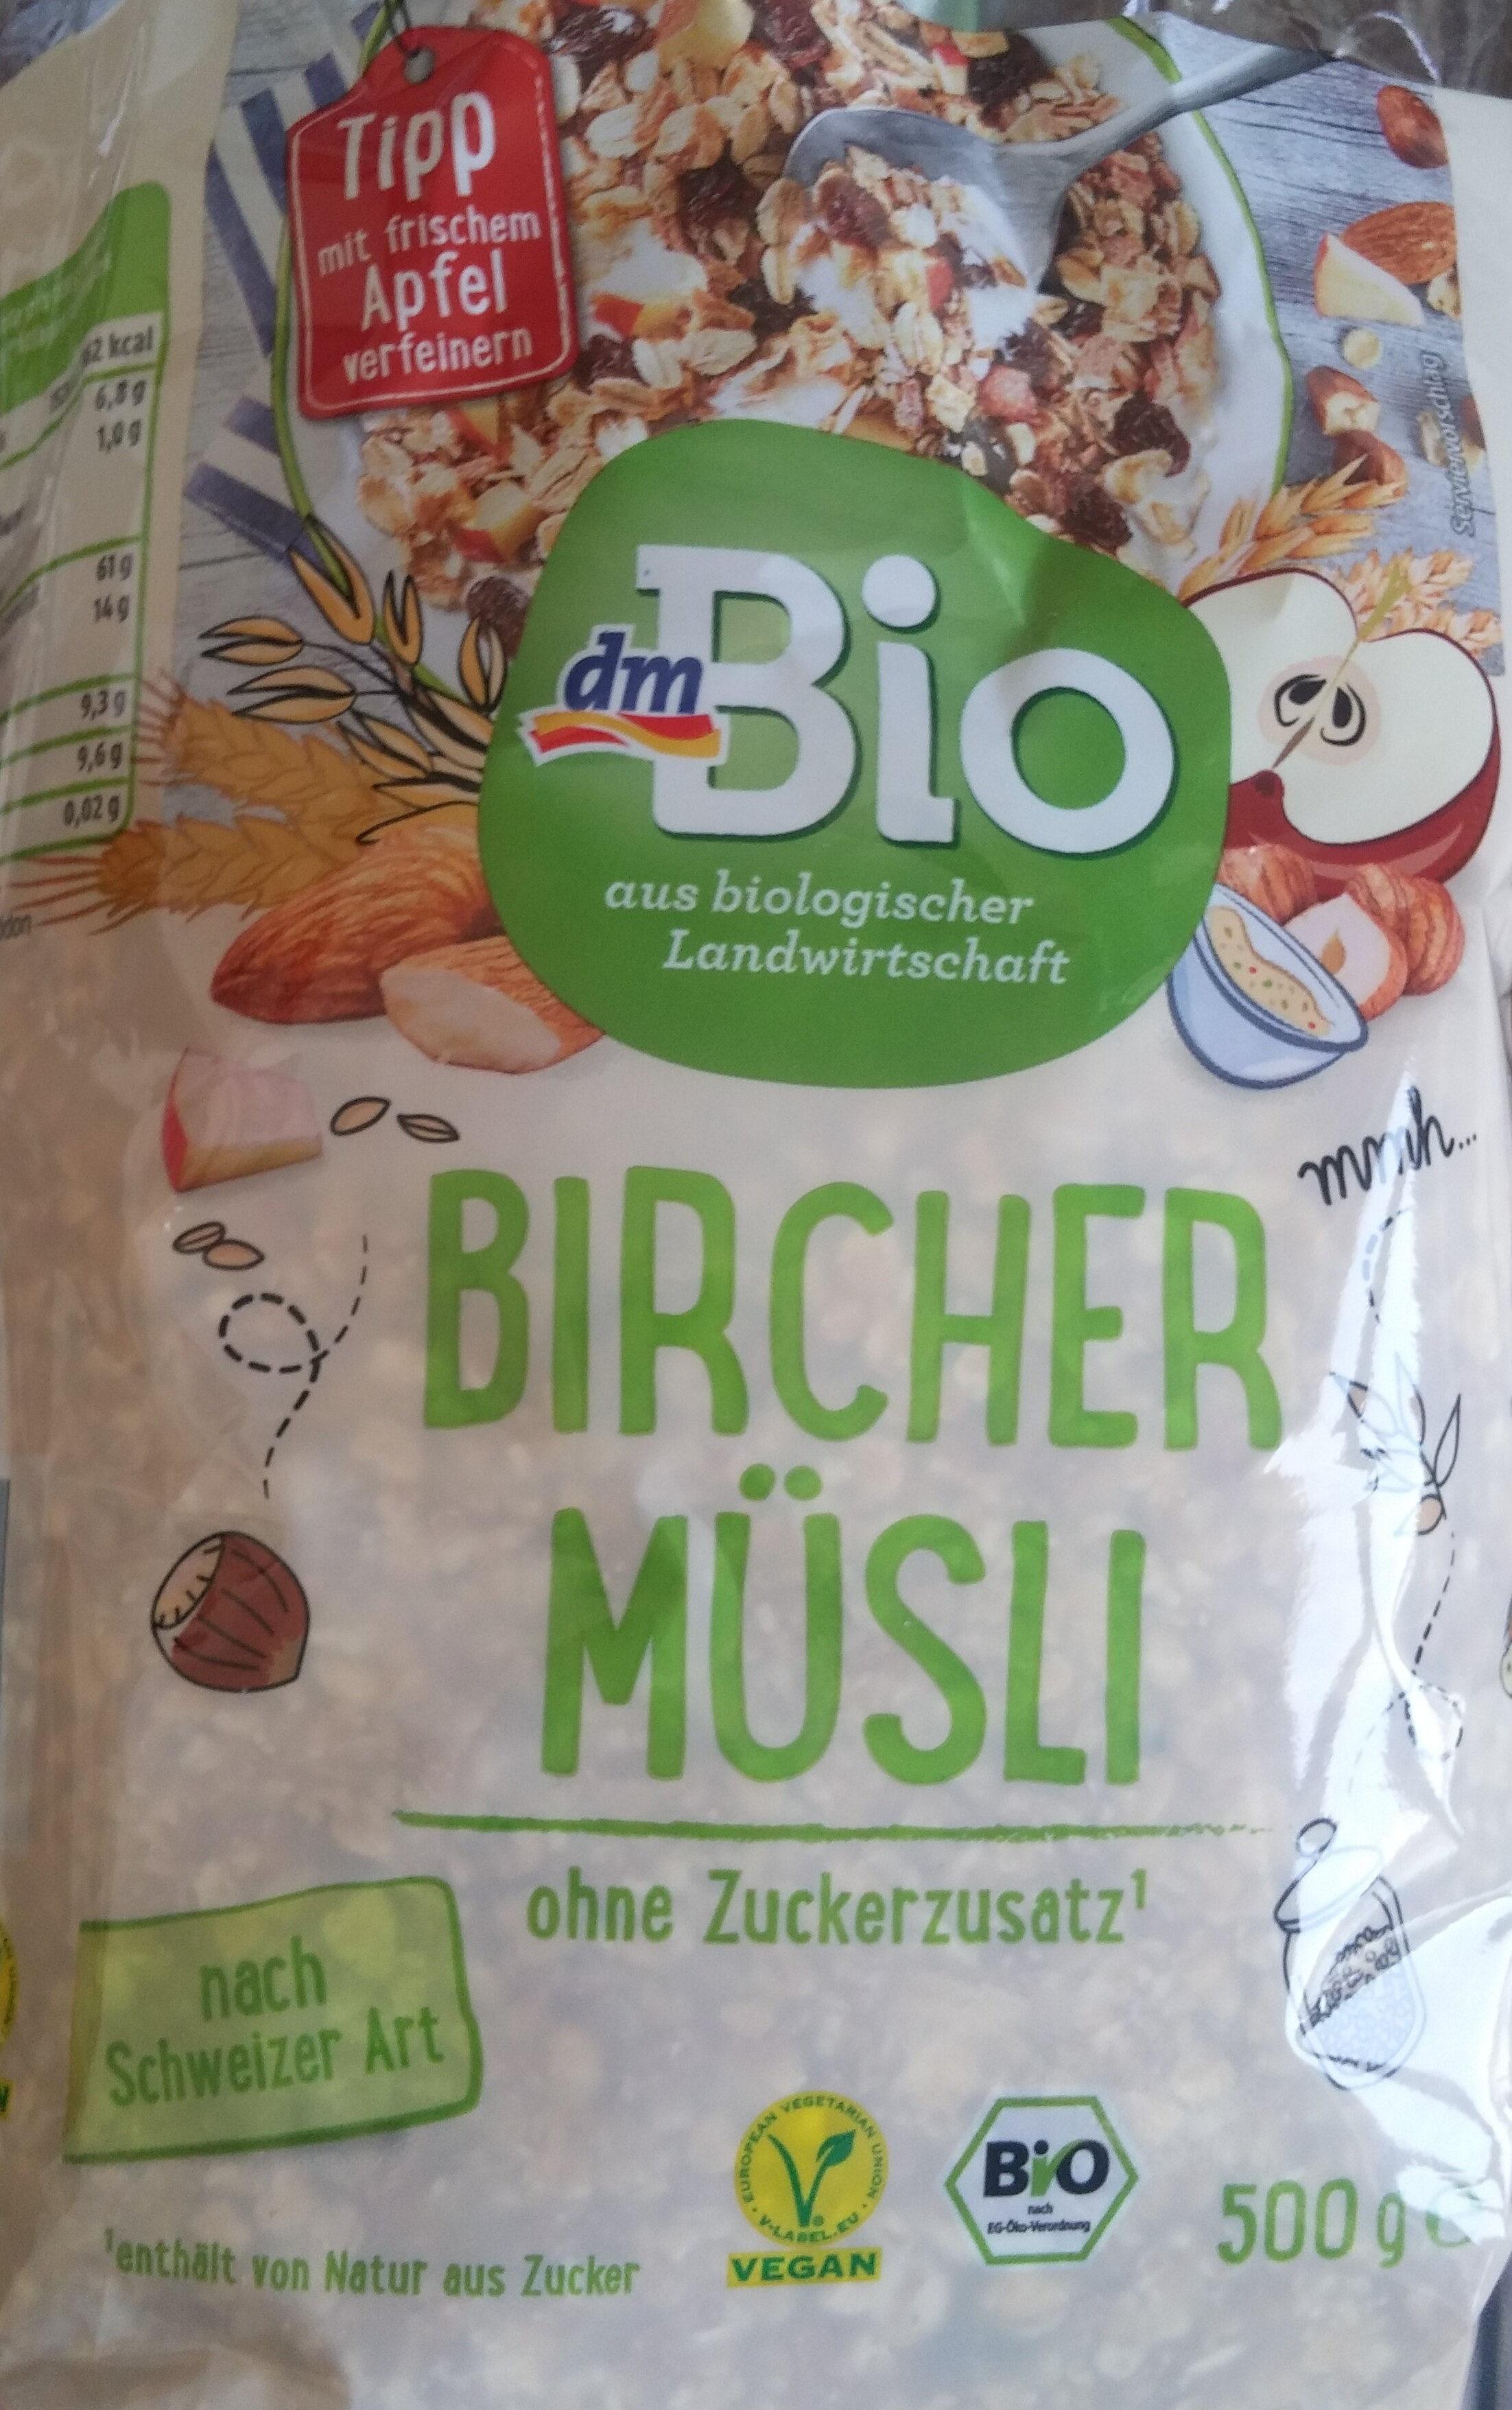 Bircher Müsli - Product - de